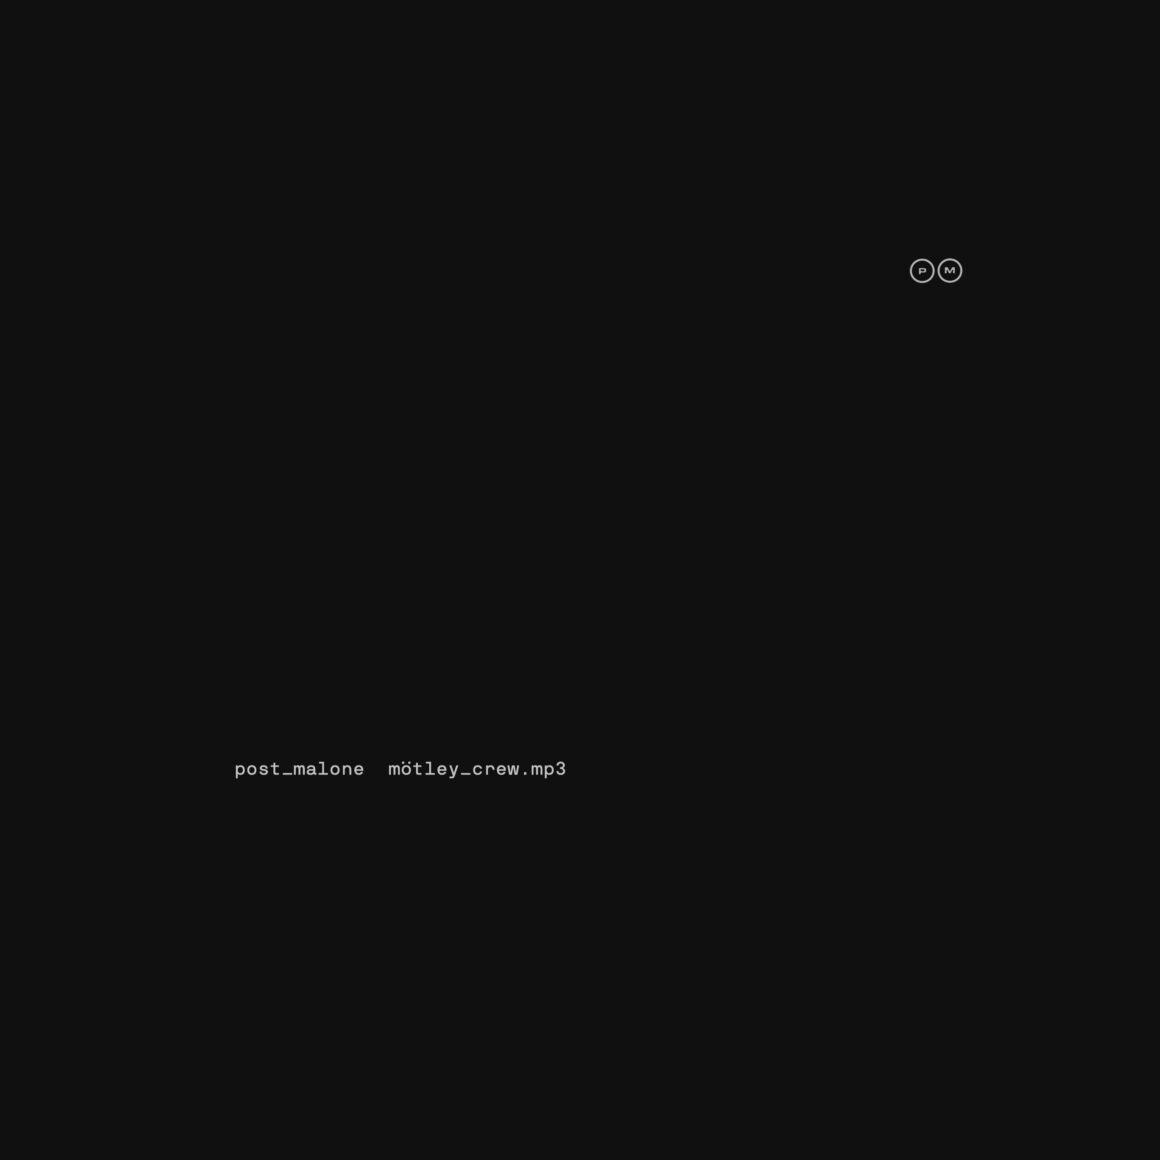 Post Malone - Motley Crew Cover